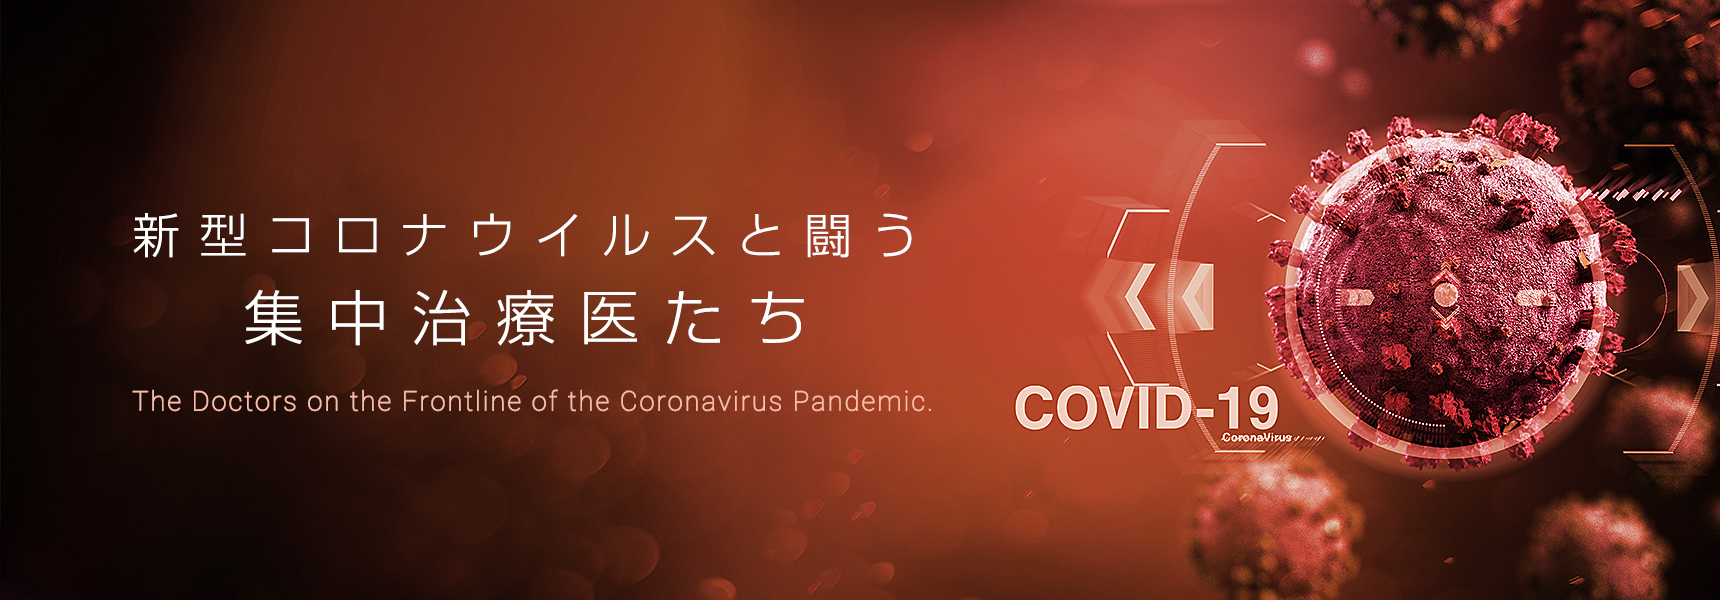 コロナ 重症 日本